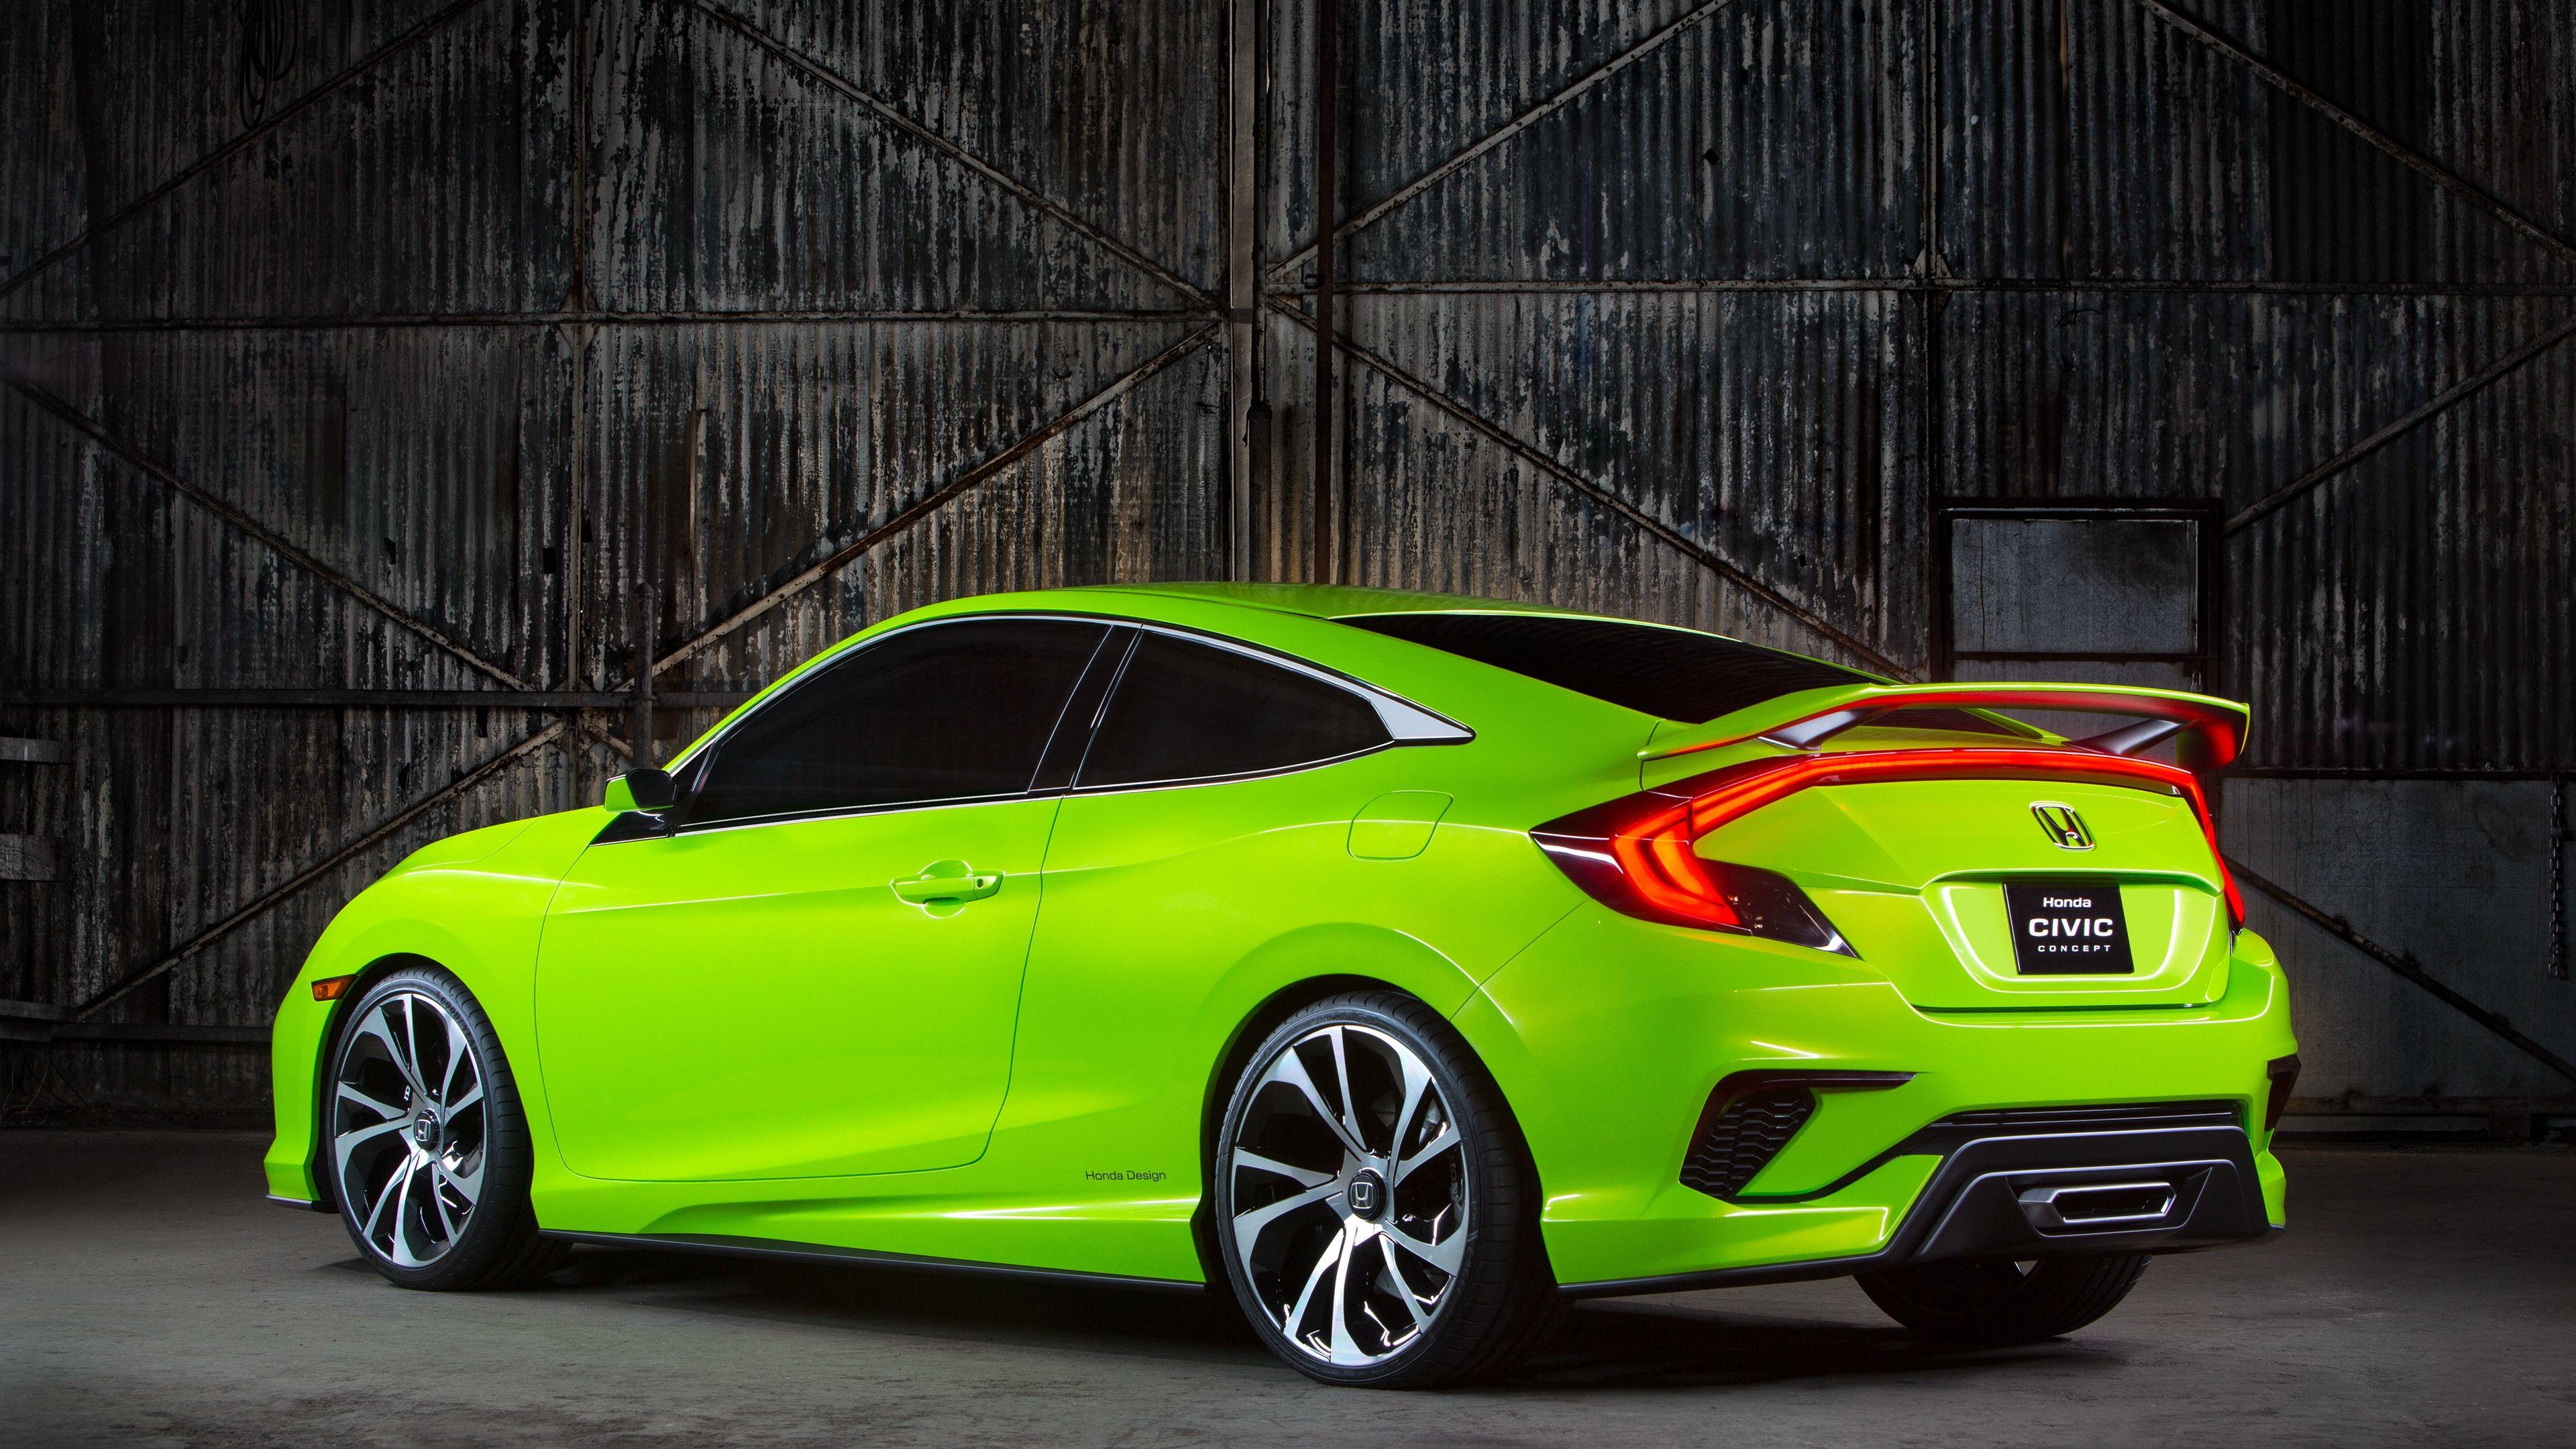 Wallpaper 4k Honda Civic Concept Green 2015 4k Civic Concept